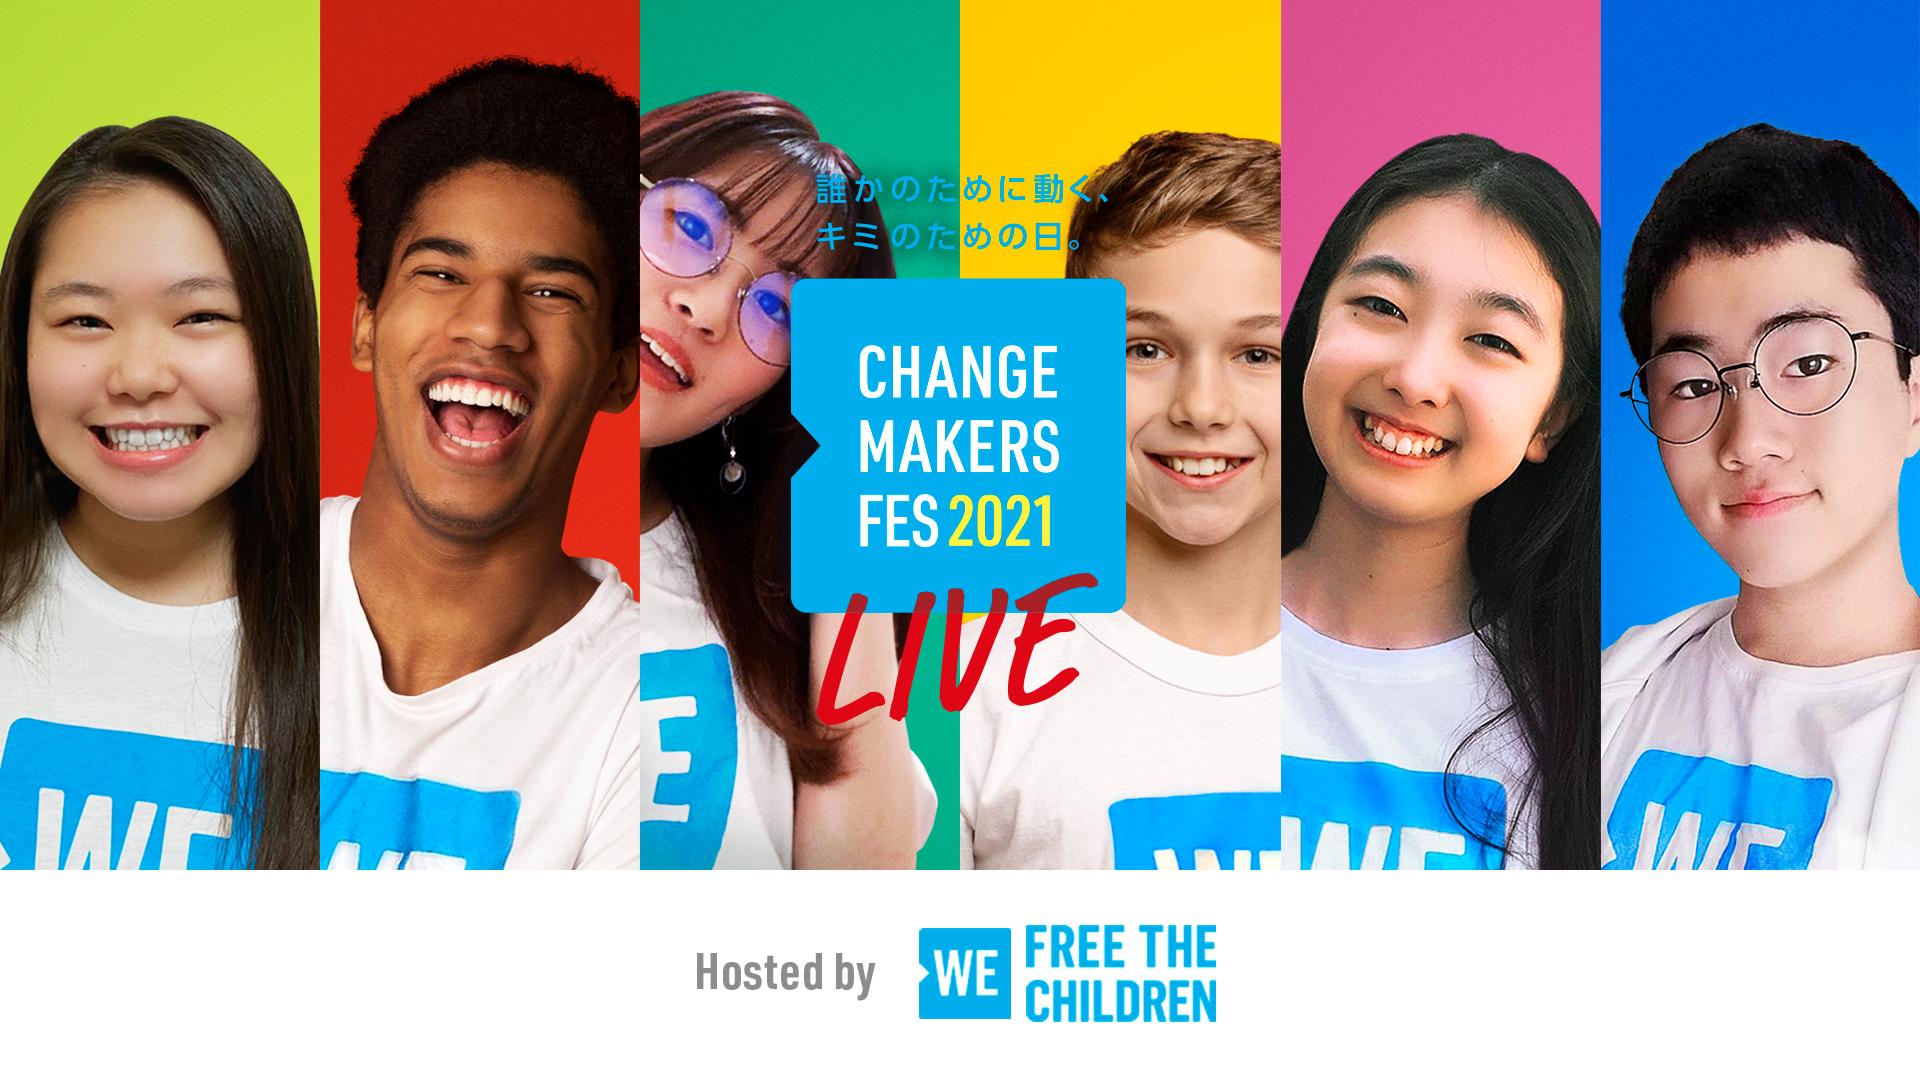 Change Makers Fes 2021 -誰かのために動く、君のための日。-